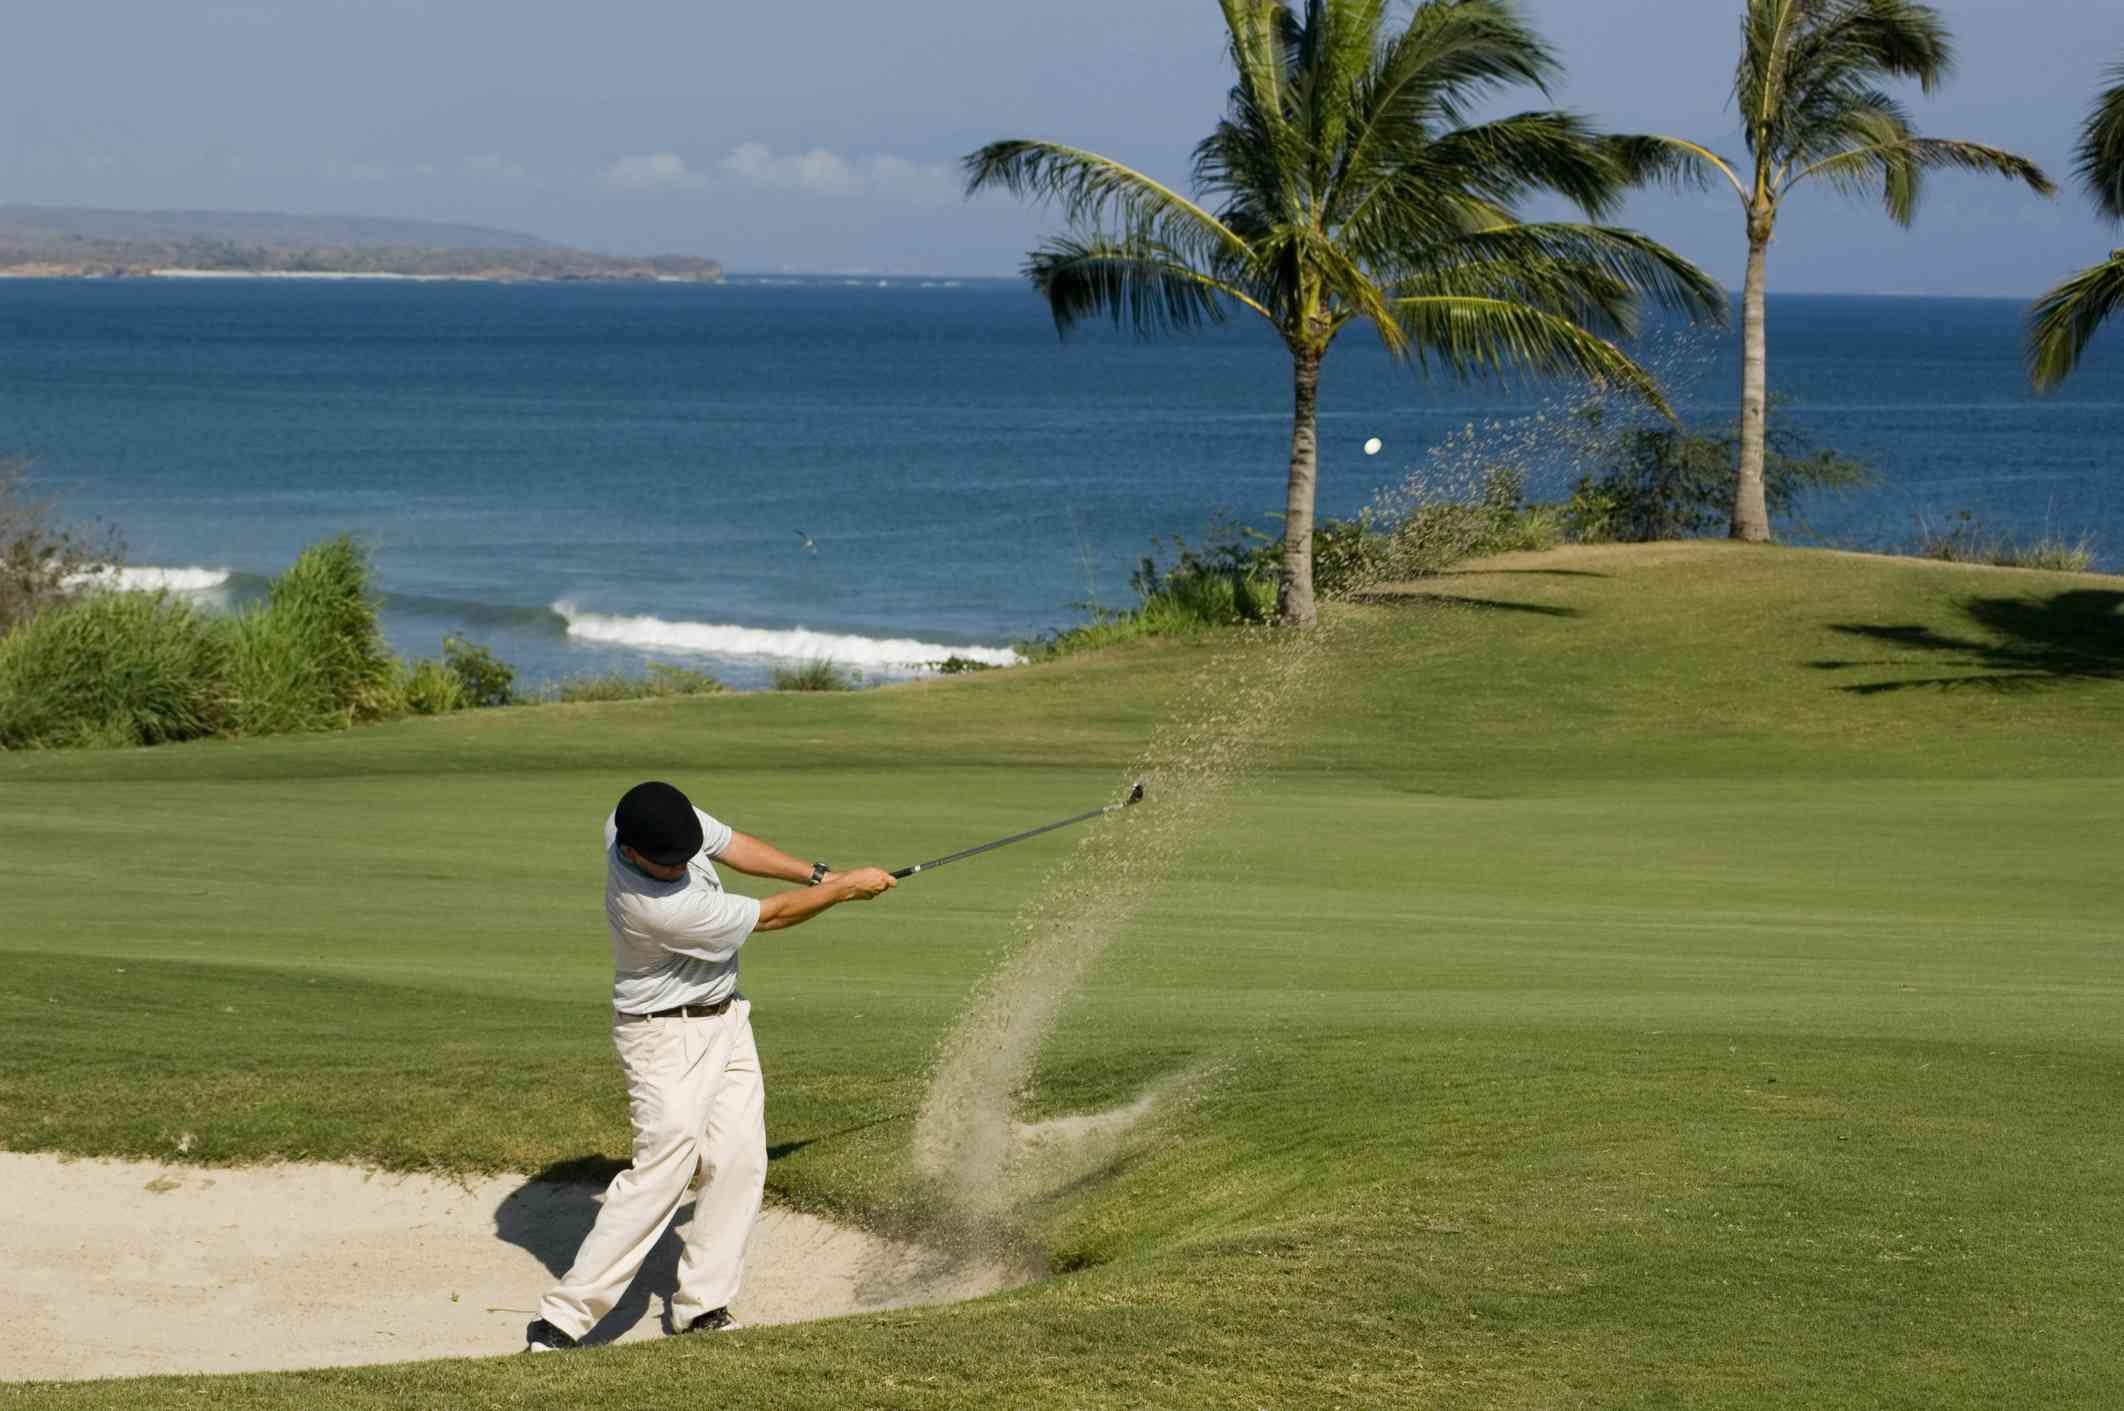 Golfing in Punta Mita